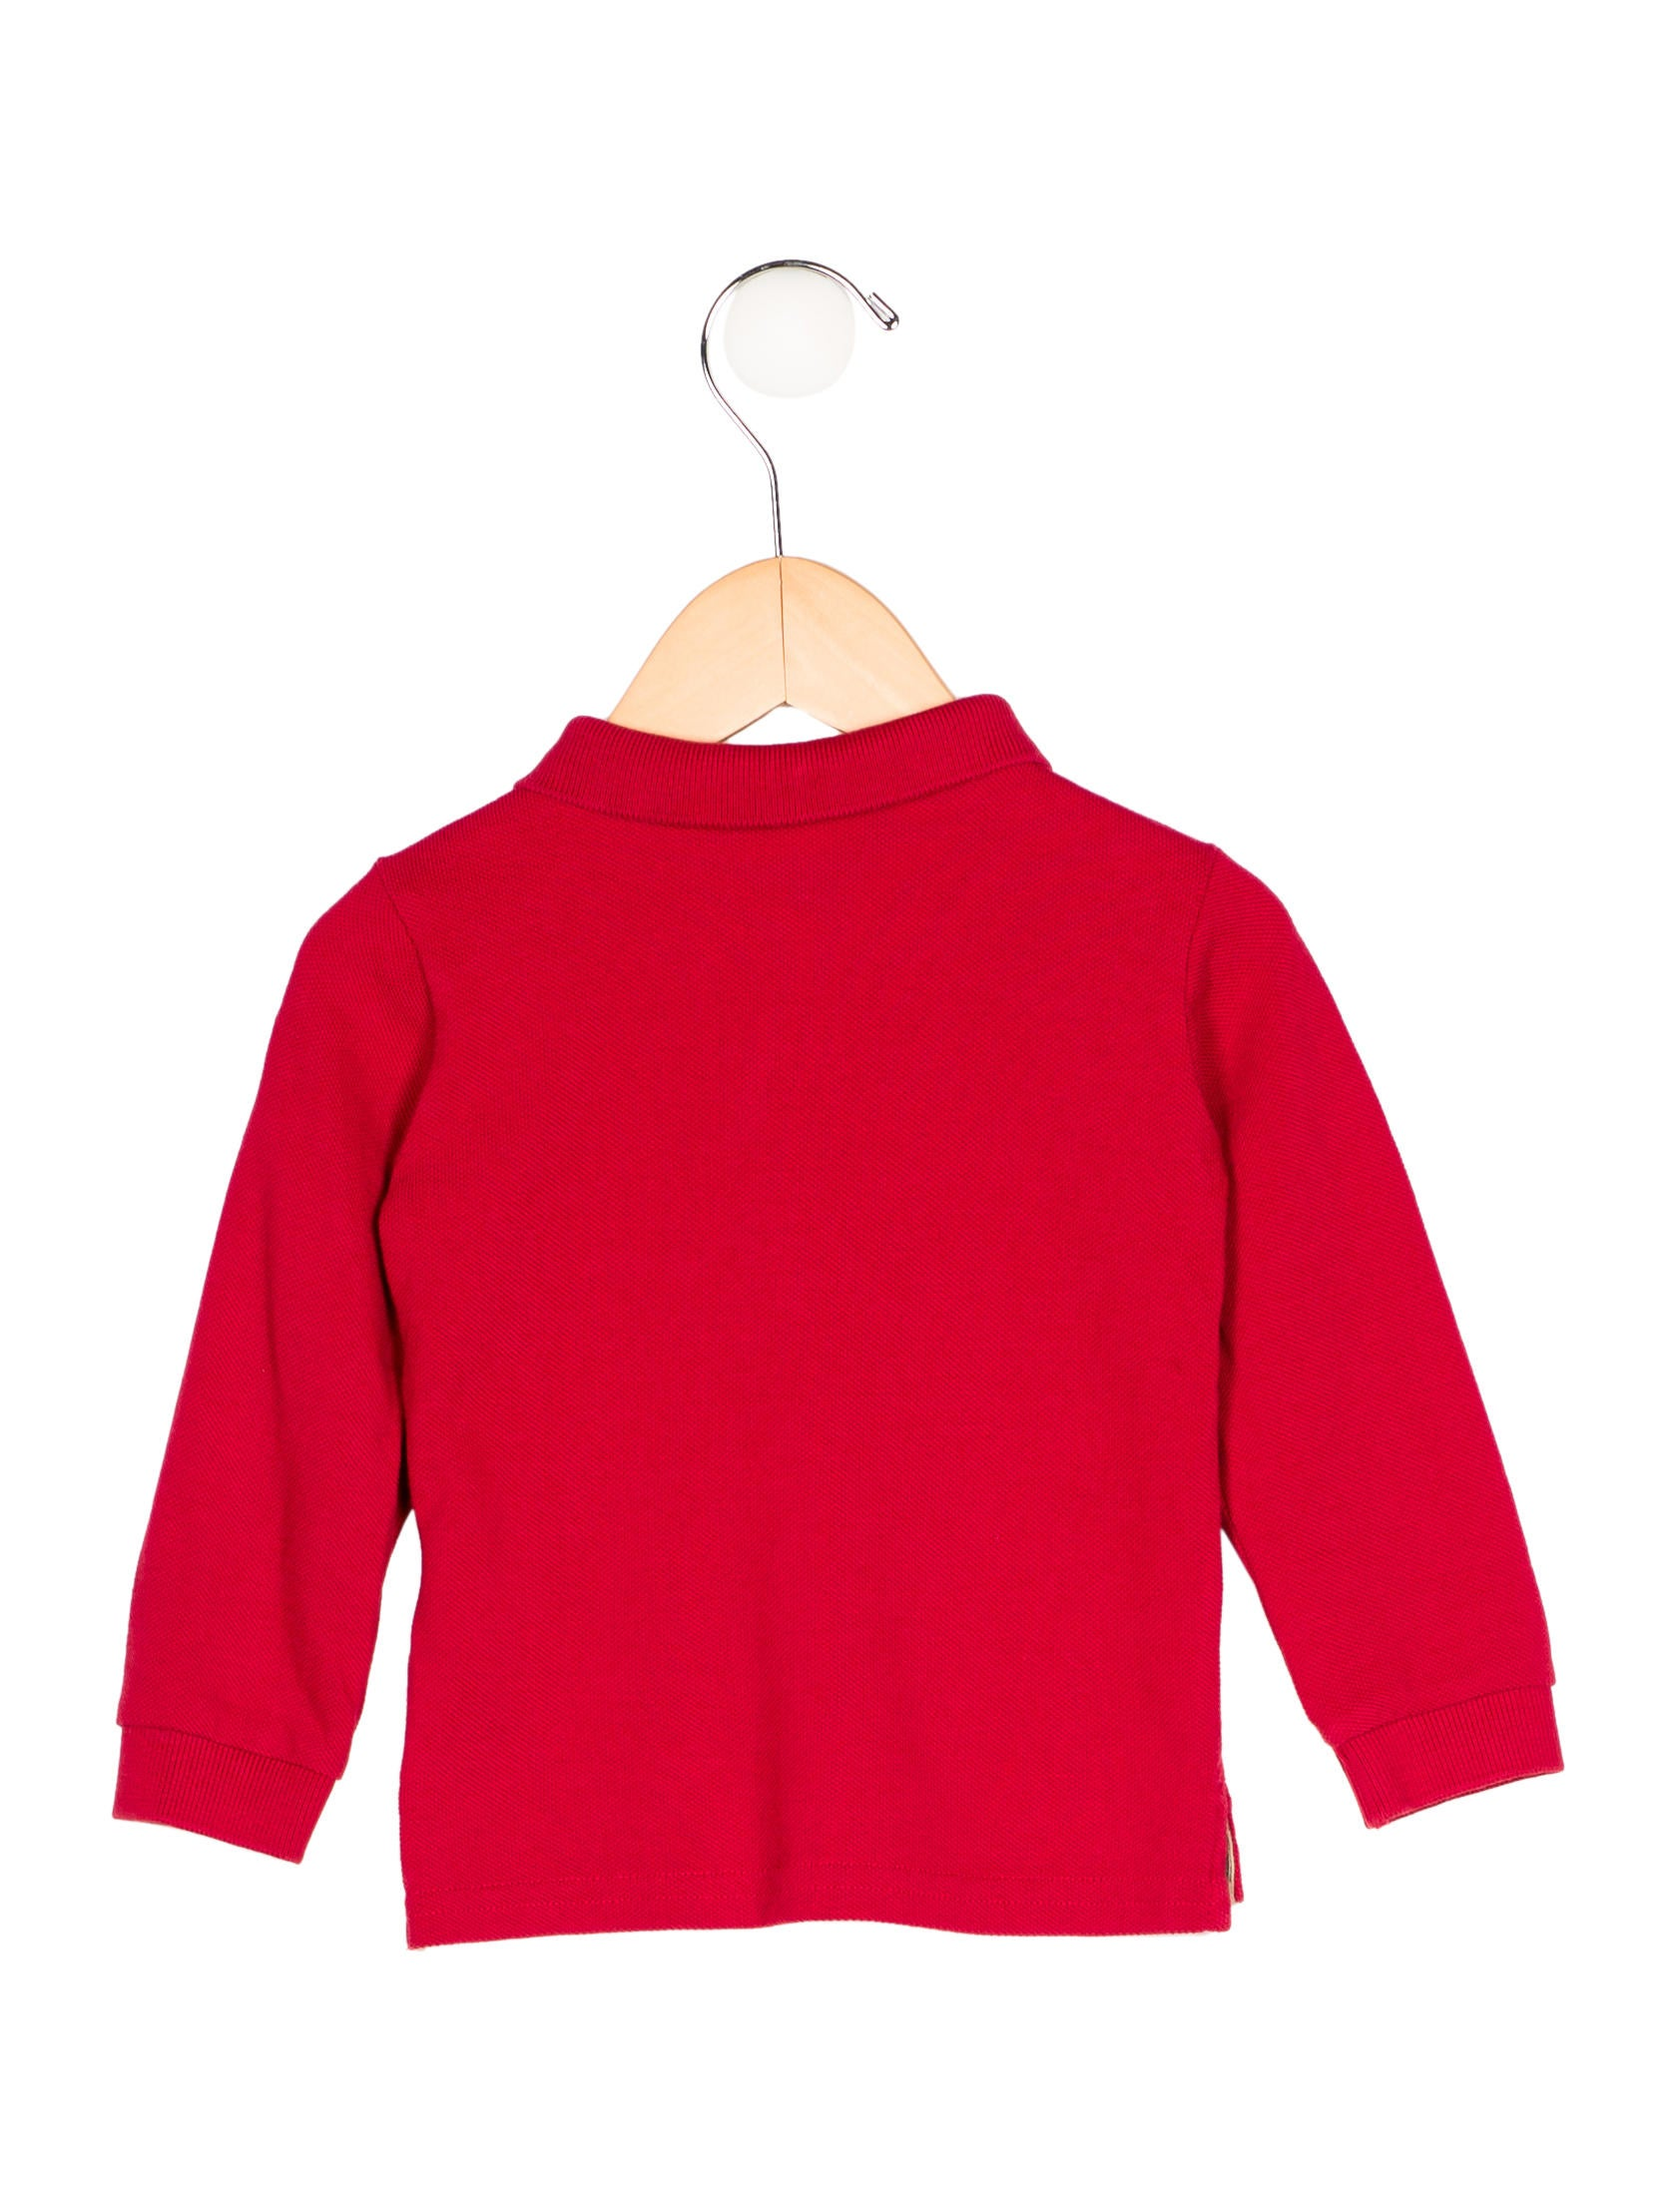 Burberry boys 39 long sleeve polo shirt boys bur68312 for Long sleeved polo shirts for boys